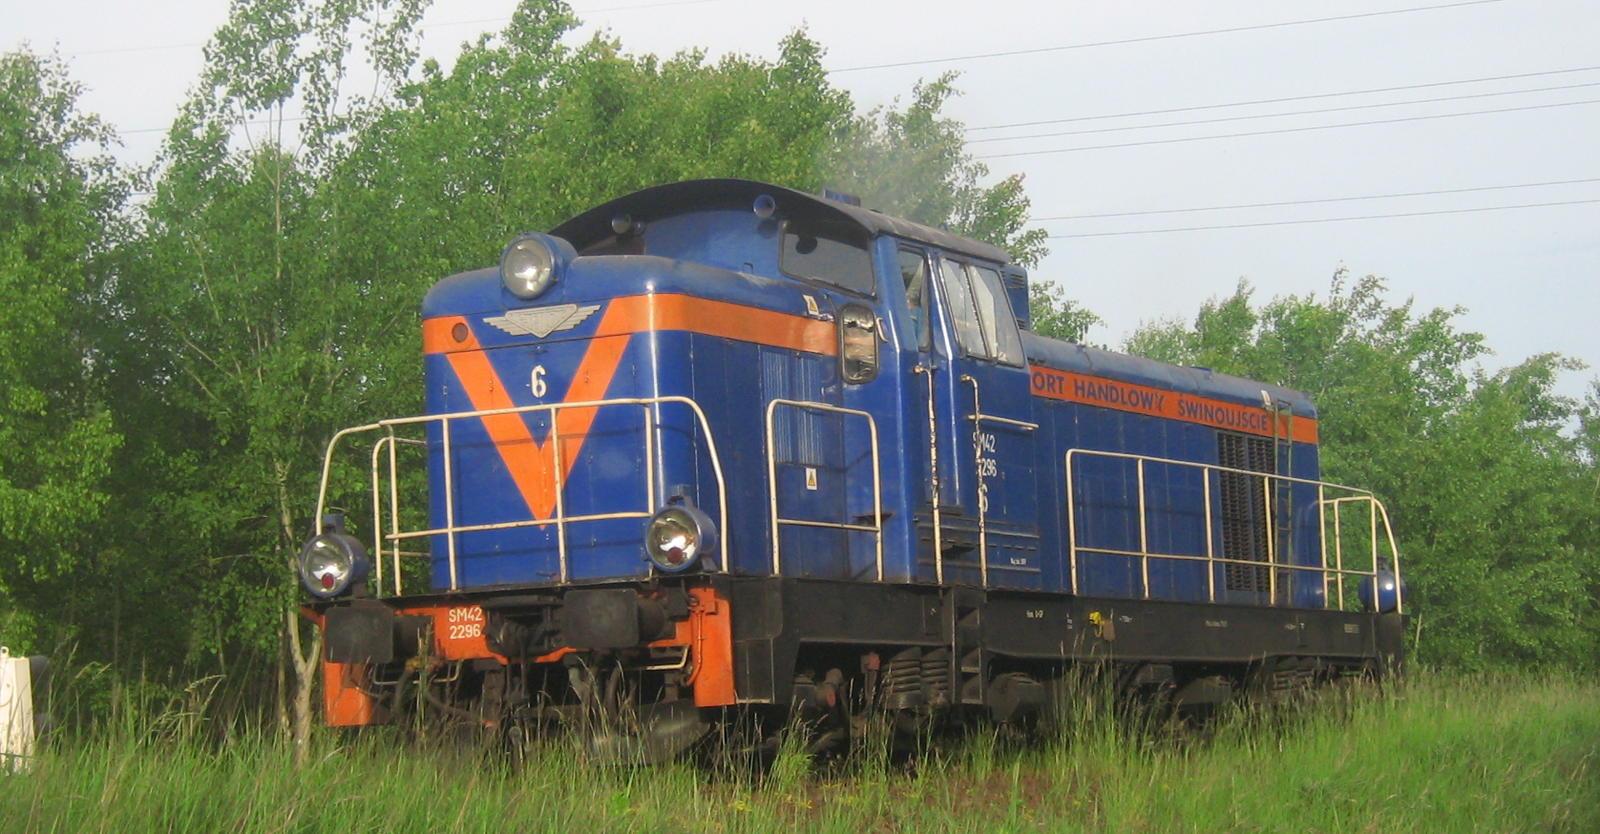 Napęd hybrydowy (spalinowo-elektryczny) można znaleźć także w tych, bardzo popularnych lokomotywach SM42 / Fablok 6D.